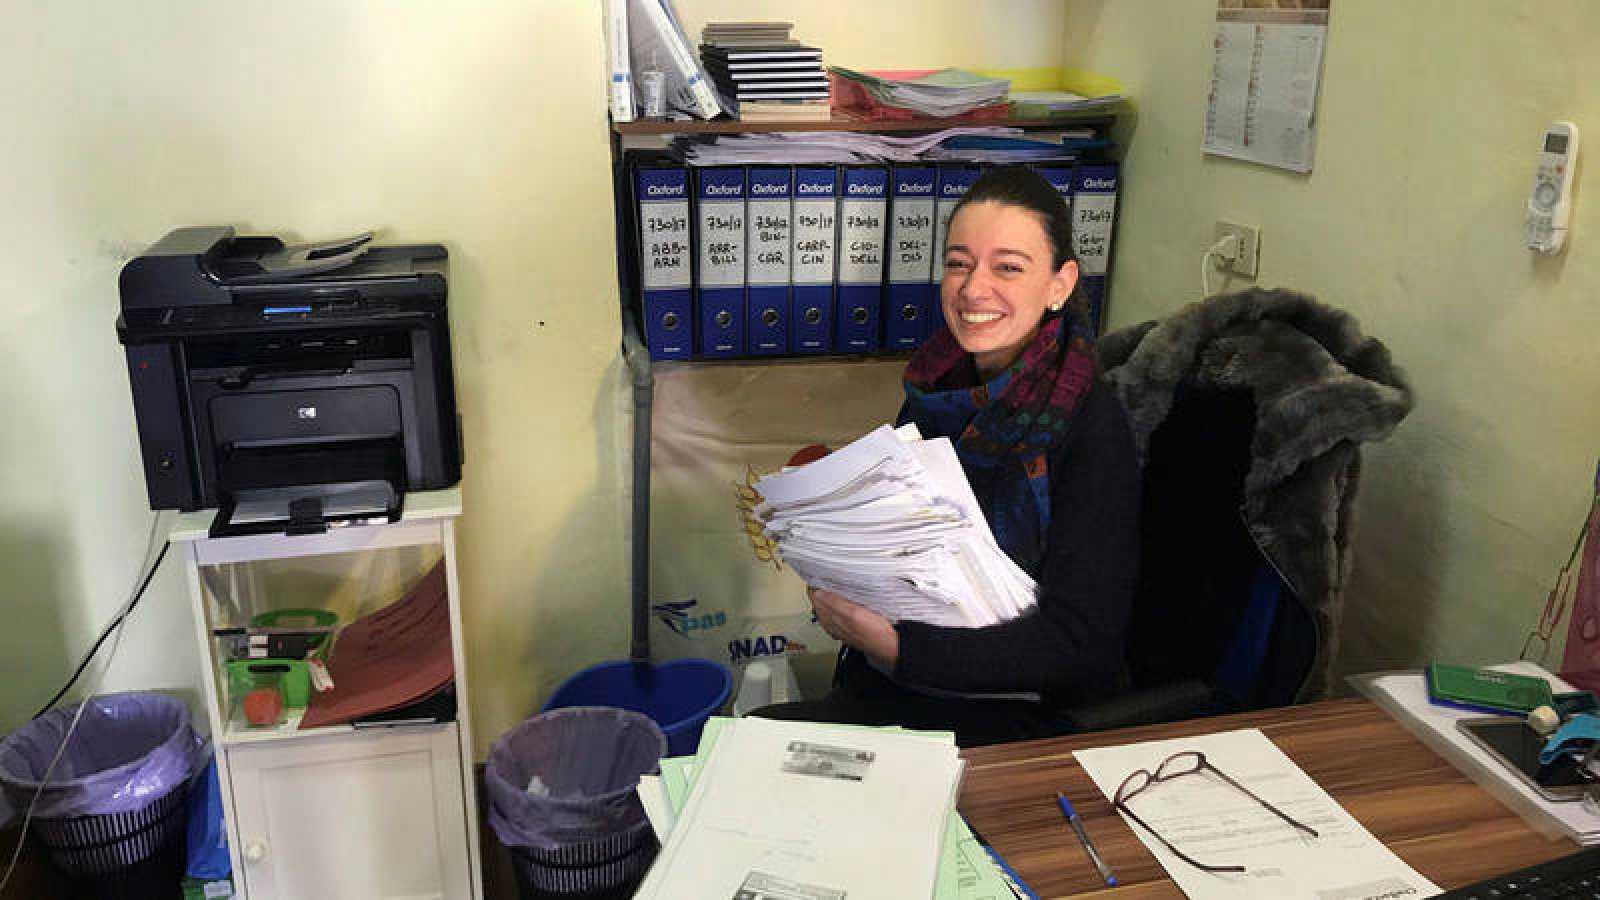 """Ambra Tassi, trabajadora de uno de los centros de asistencia fiscal, con el primer listado de solicitudes para la """"Renta Ciudadana""""."""